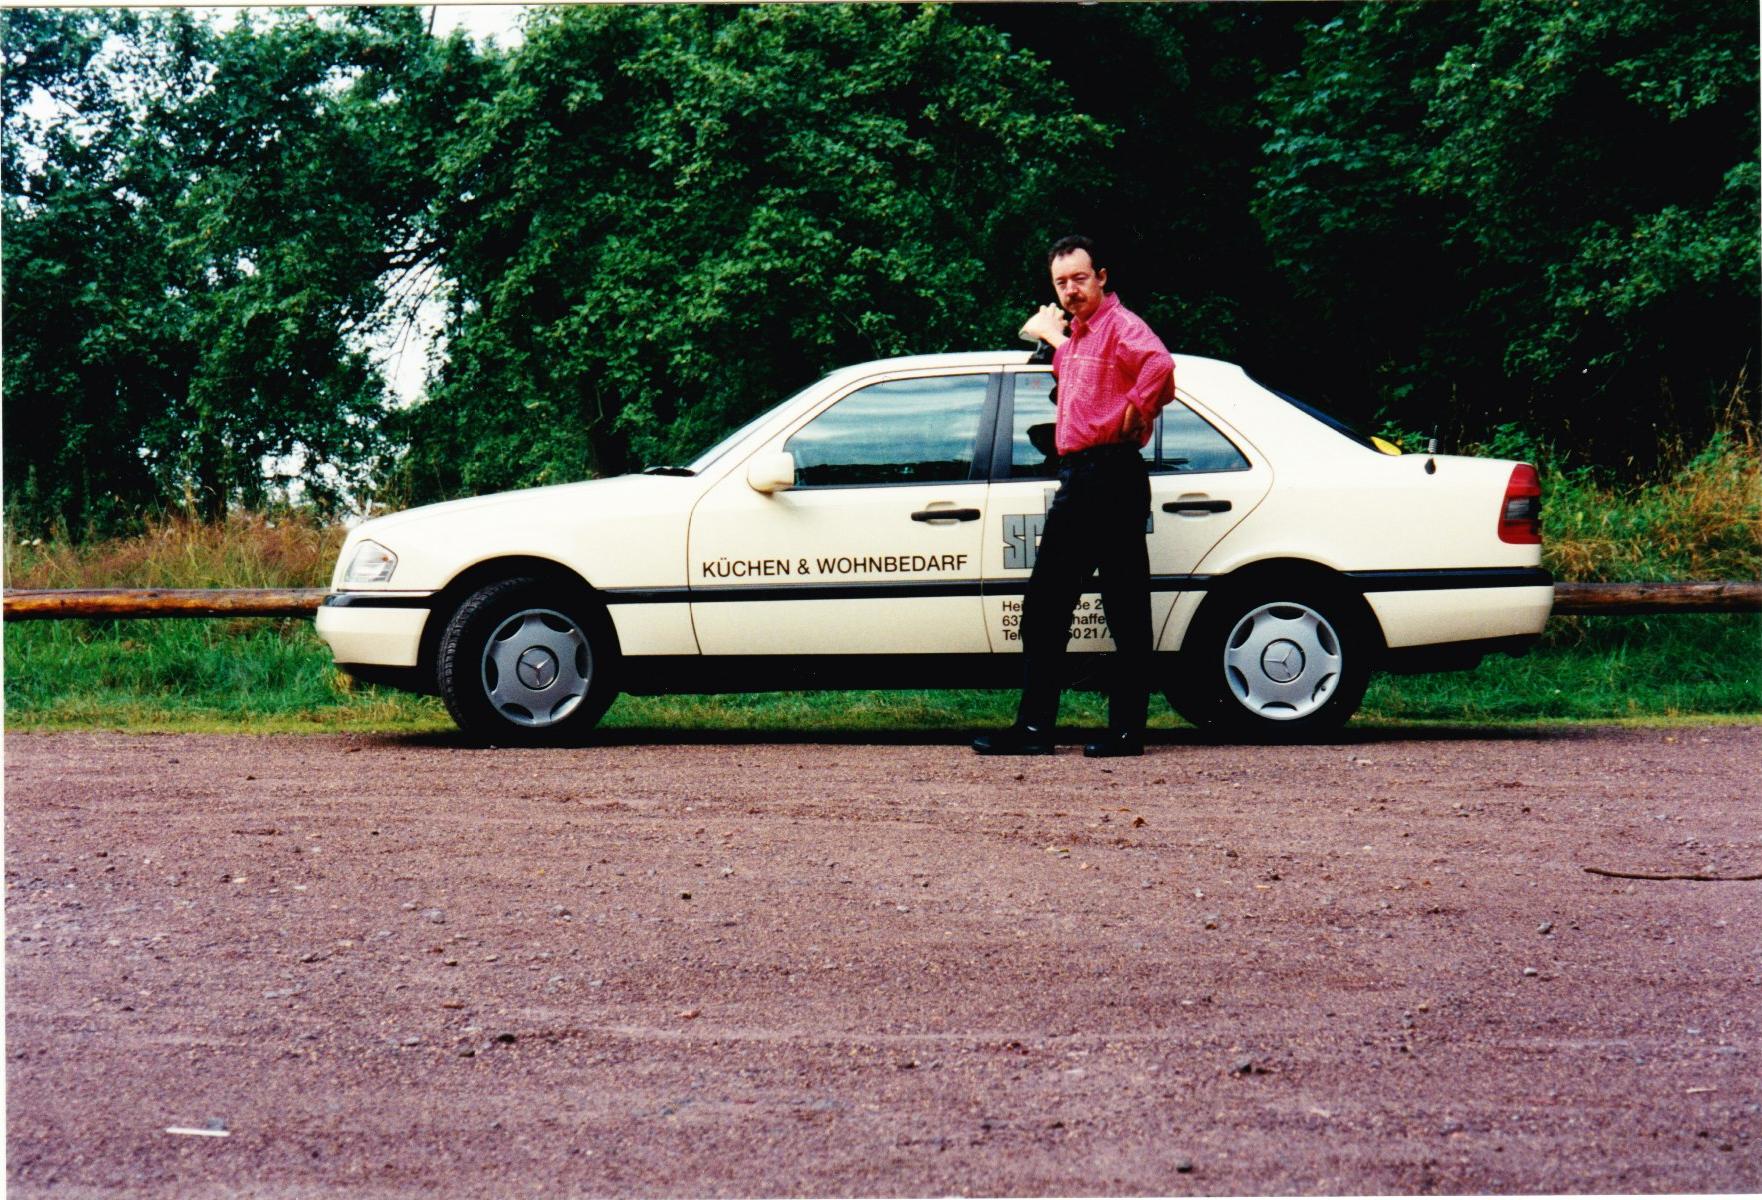 1990 - Mercedes - Im Jahr 1990 wechselte Ich die Automarke auf Mercedes und fuhr in den folgenden Jahren zwei C Klassen. Außerdem hatte ich schon damals ein großes Interesse an modernen Technologien und war der erste Taxifahrer am Untermain mit einem D-Netz Autotelefon.